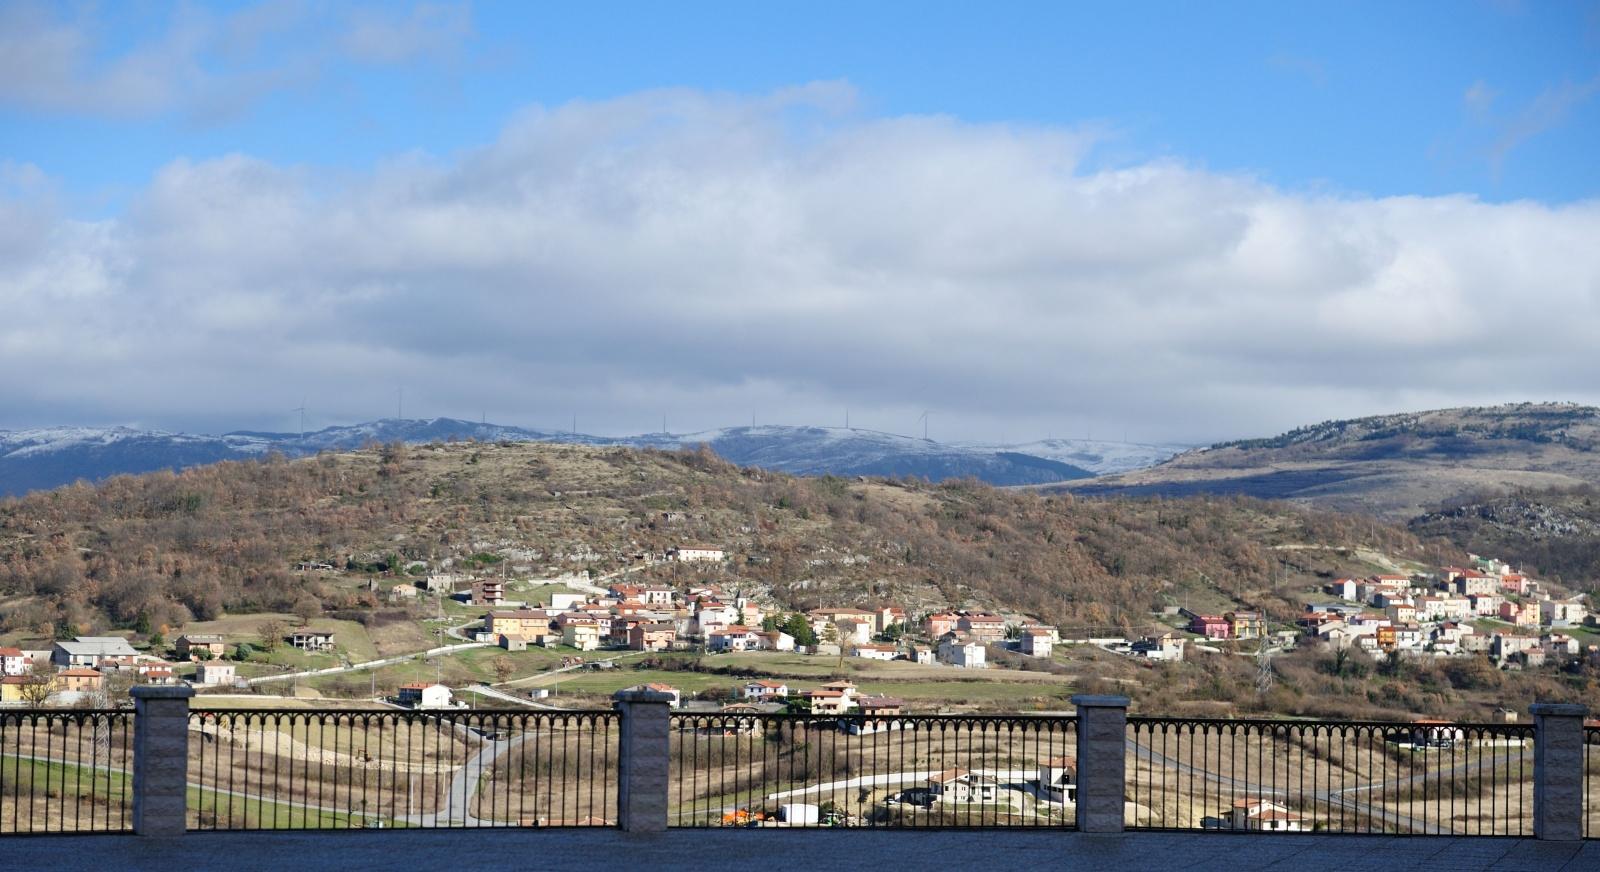 Cammini dell'acqua, domani partono i pellegrinaggi tra Cercemaggiore e Castelpetroso